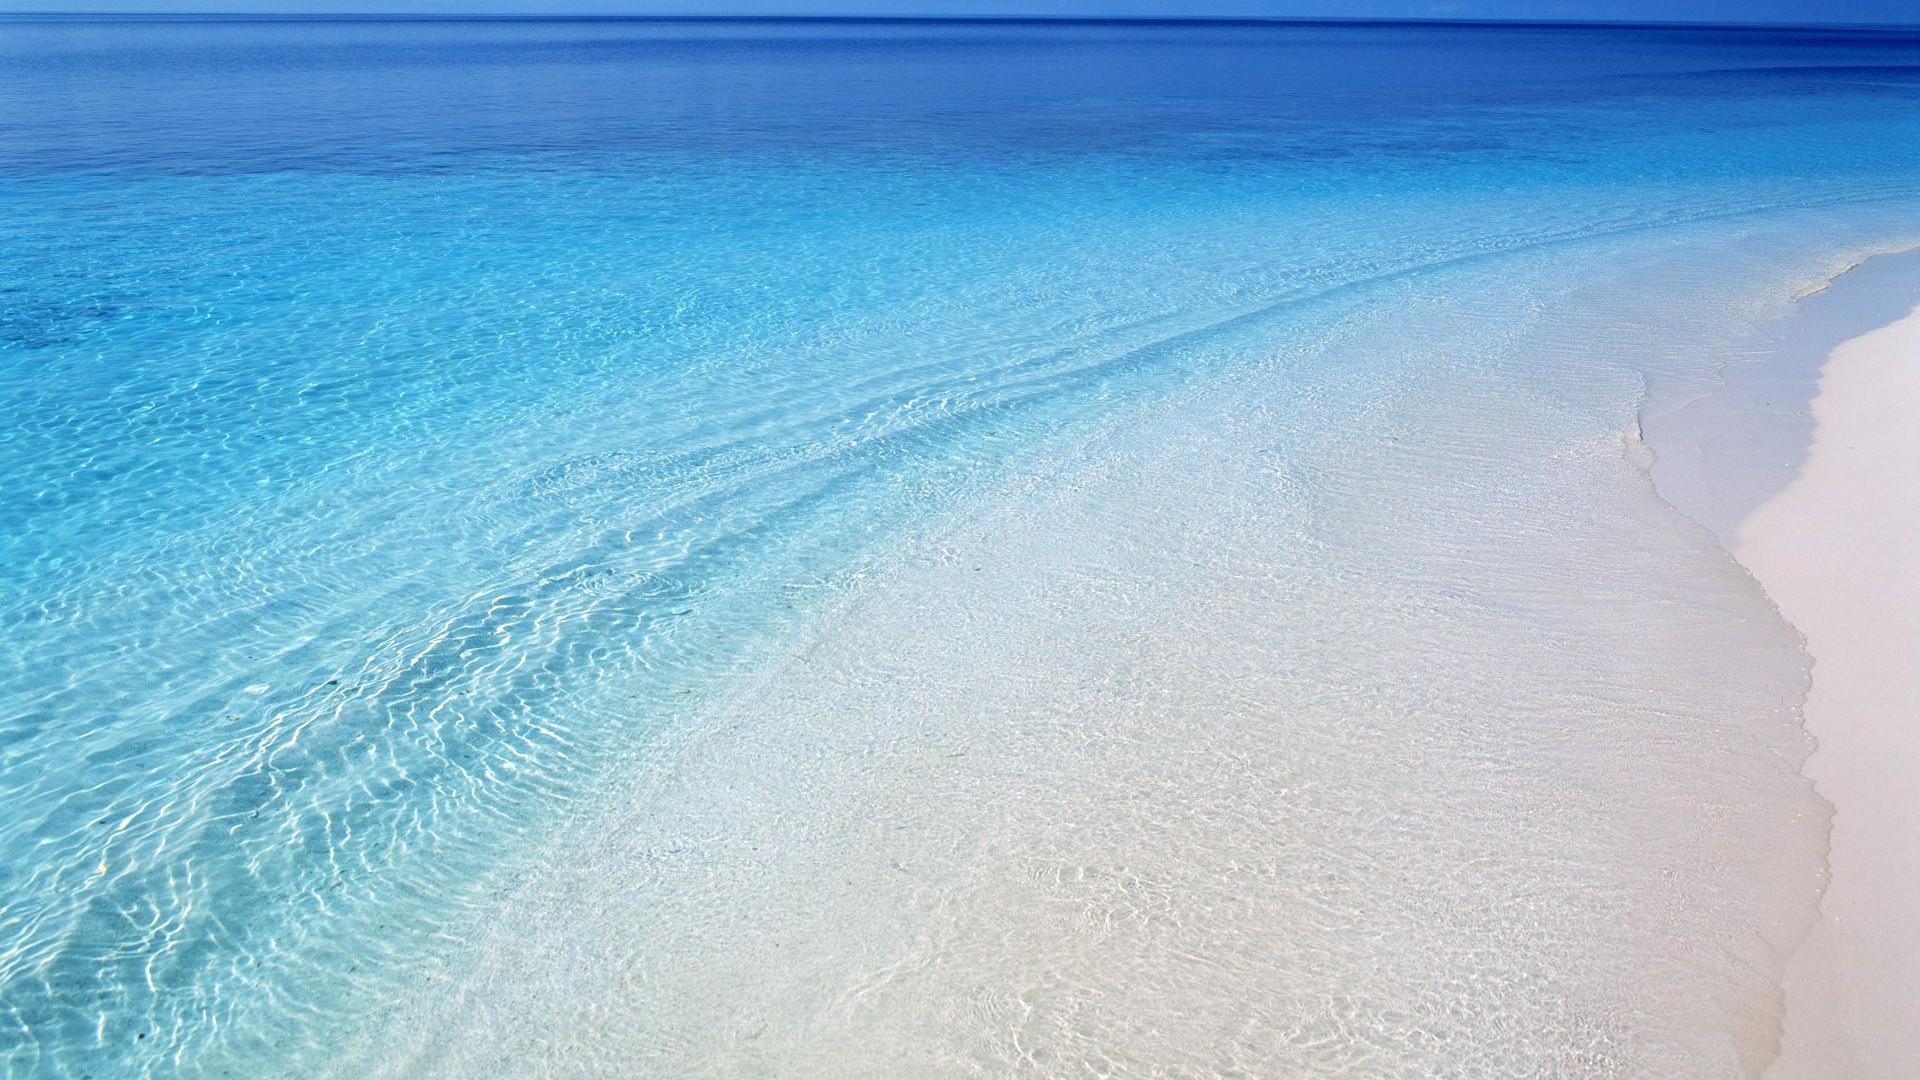 沿海风情高清桌面壁纸